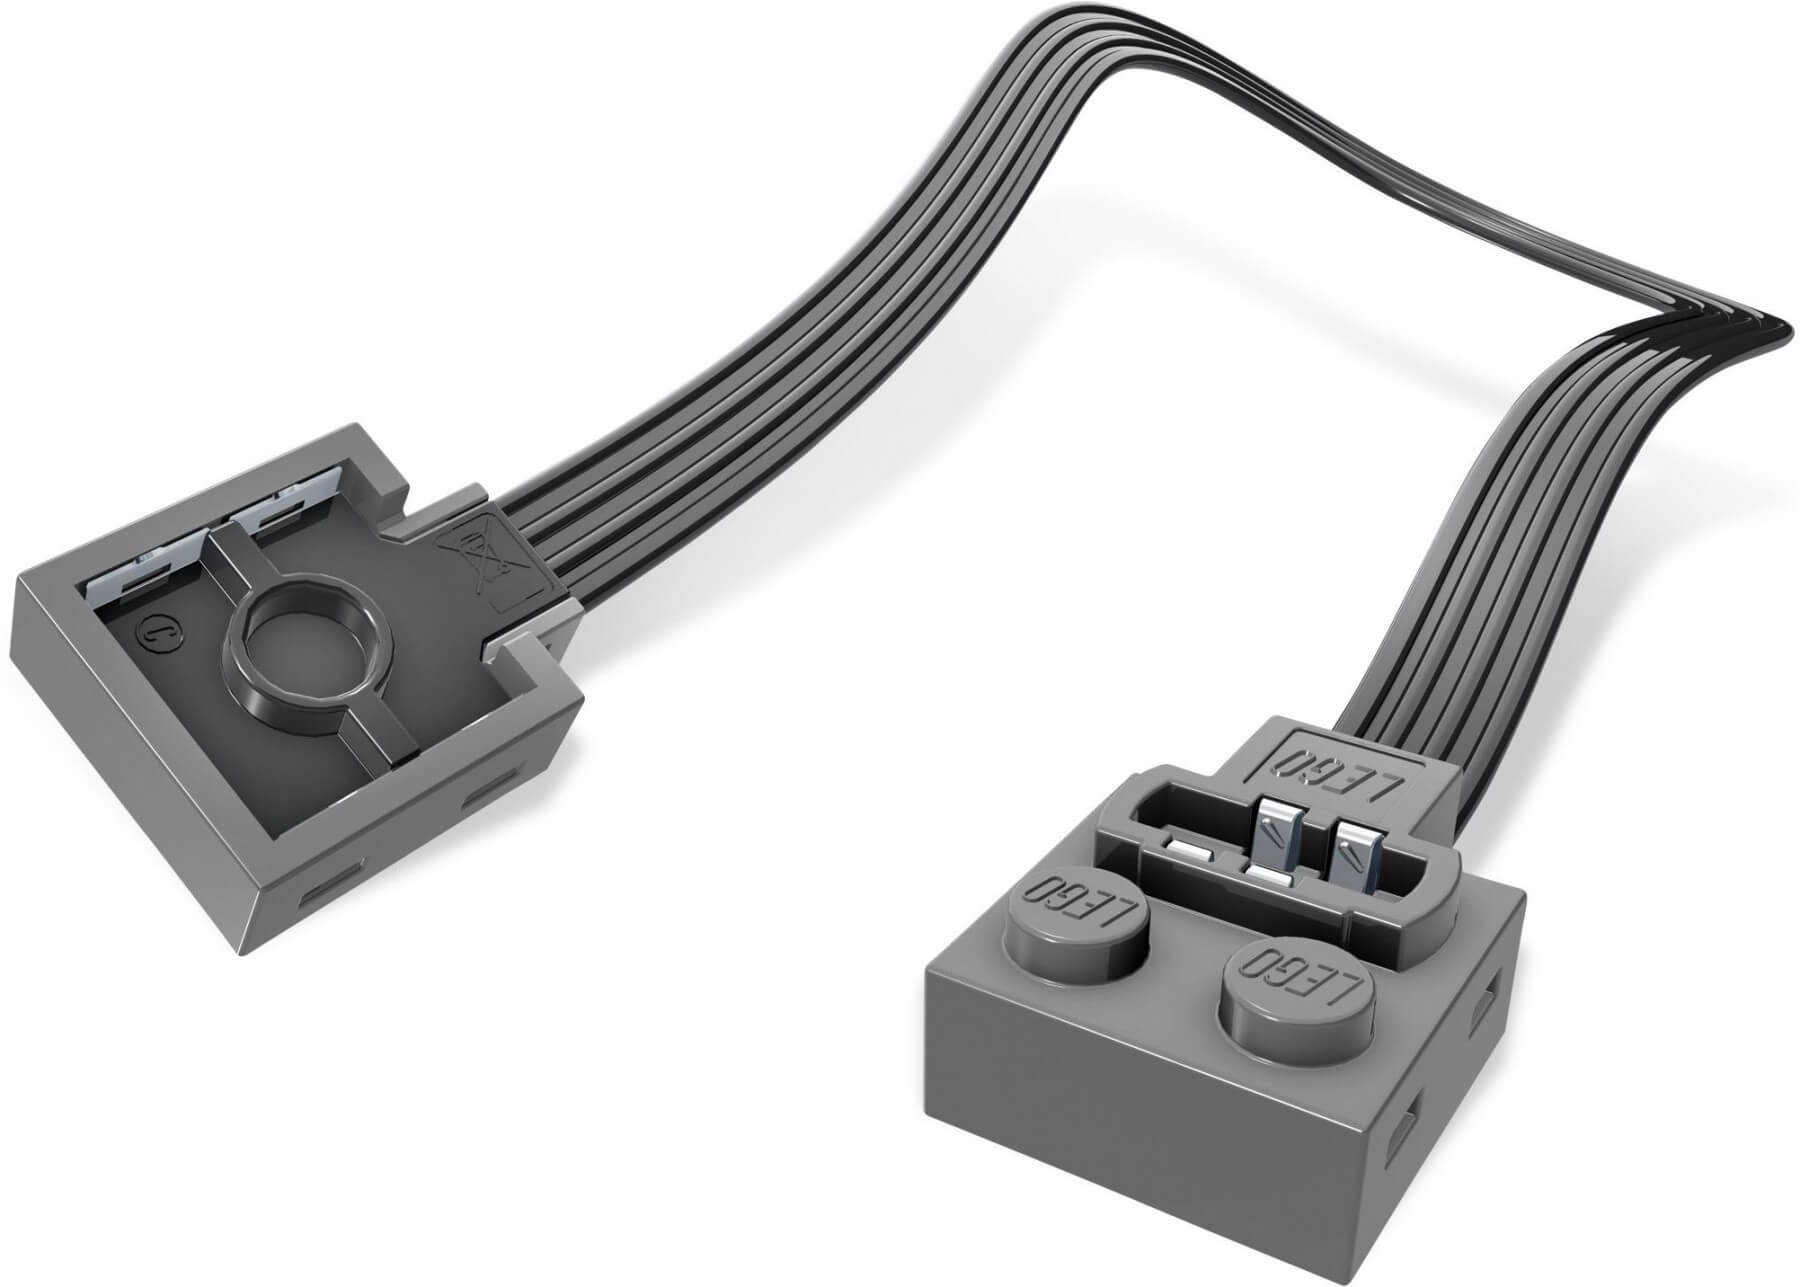 Mua đồ chơi LEGO 8886 - LEGO Power Functions 8886 - Dây nối mở rộng 20 cm (LEGO Power Functions Extension Wire 8886)